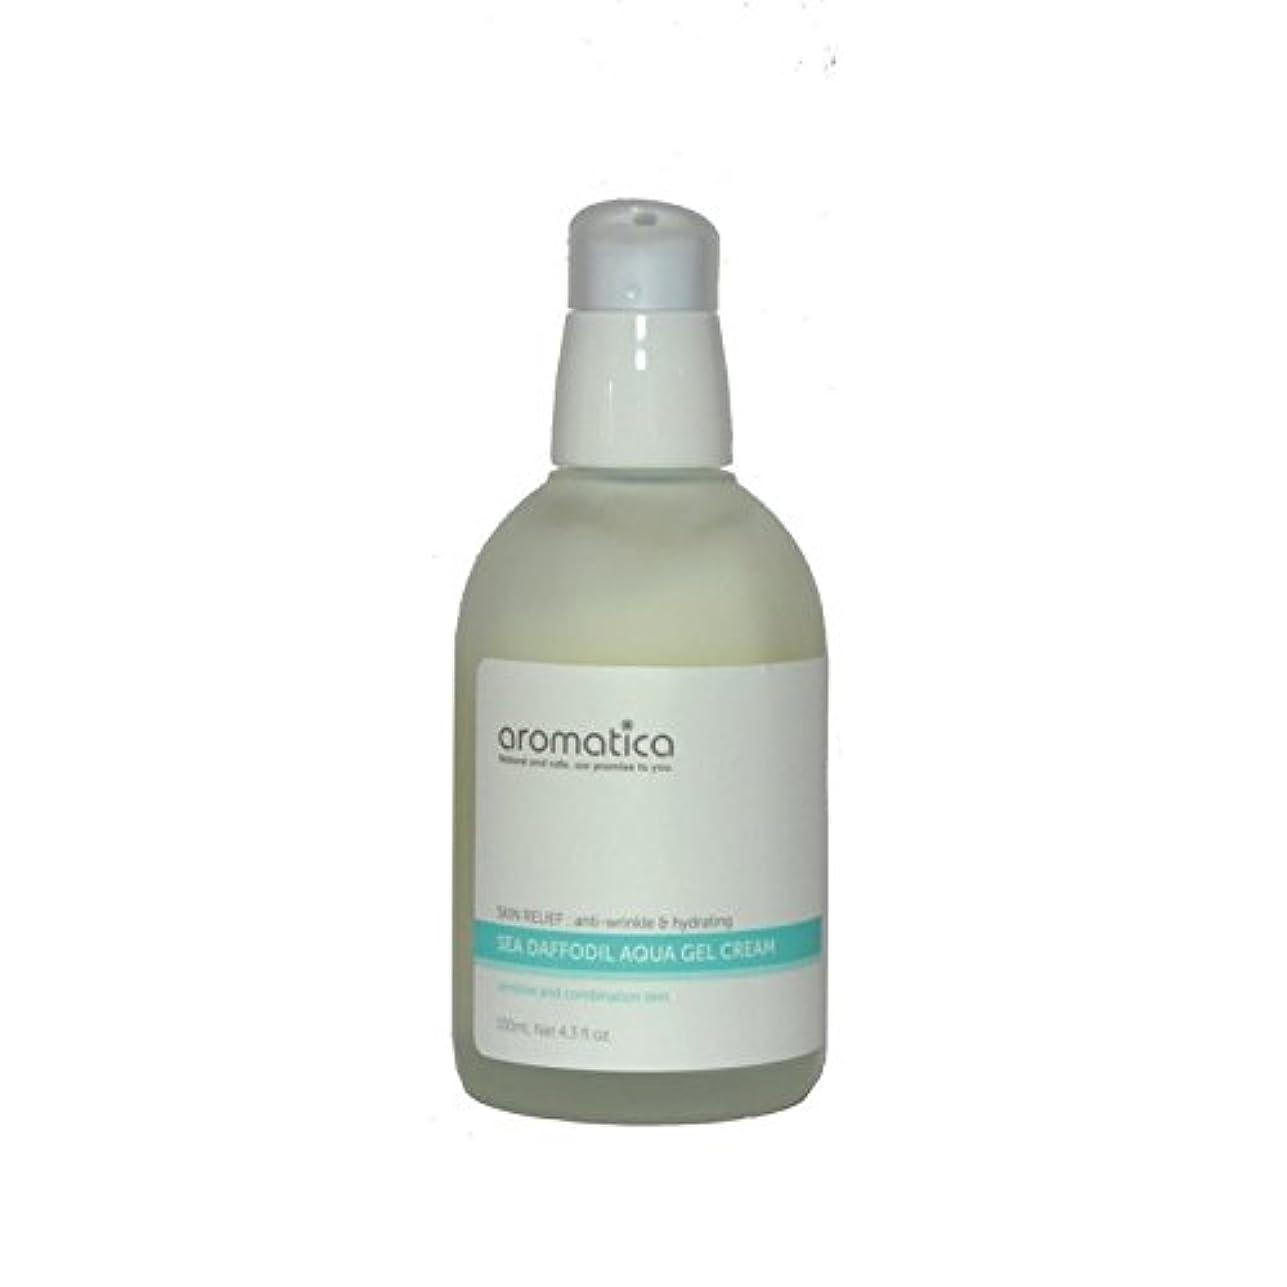 消す配当仲良しaromatica Sea Daffodil Aqua Gel Cream 100ml (Pack of 6) - 海水仙アクアゲルクリーム100ミリリットル x6 [並行輸入品]